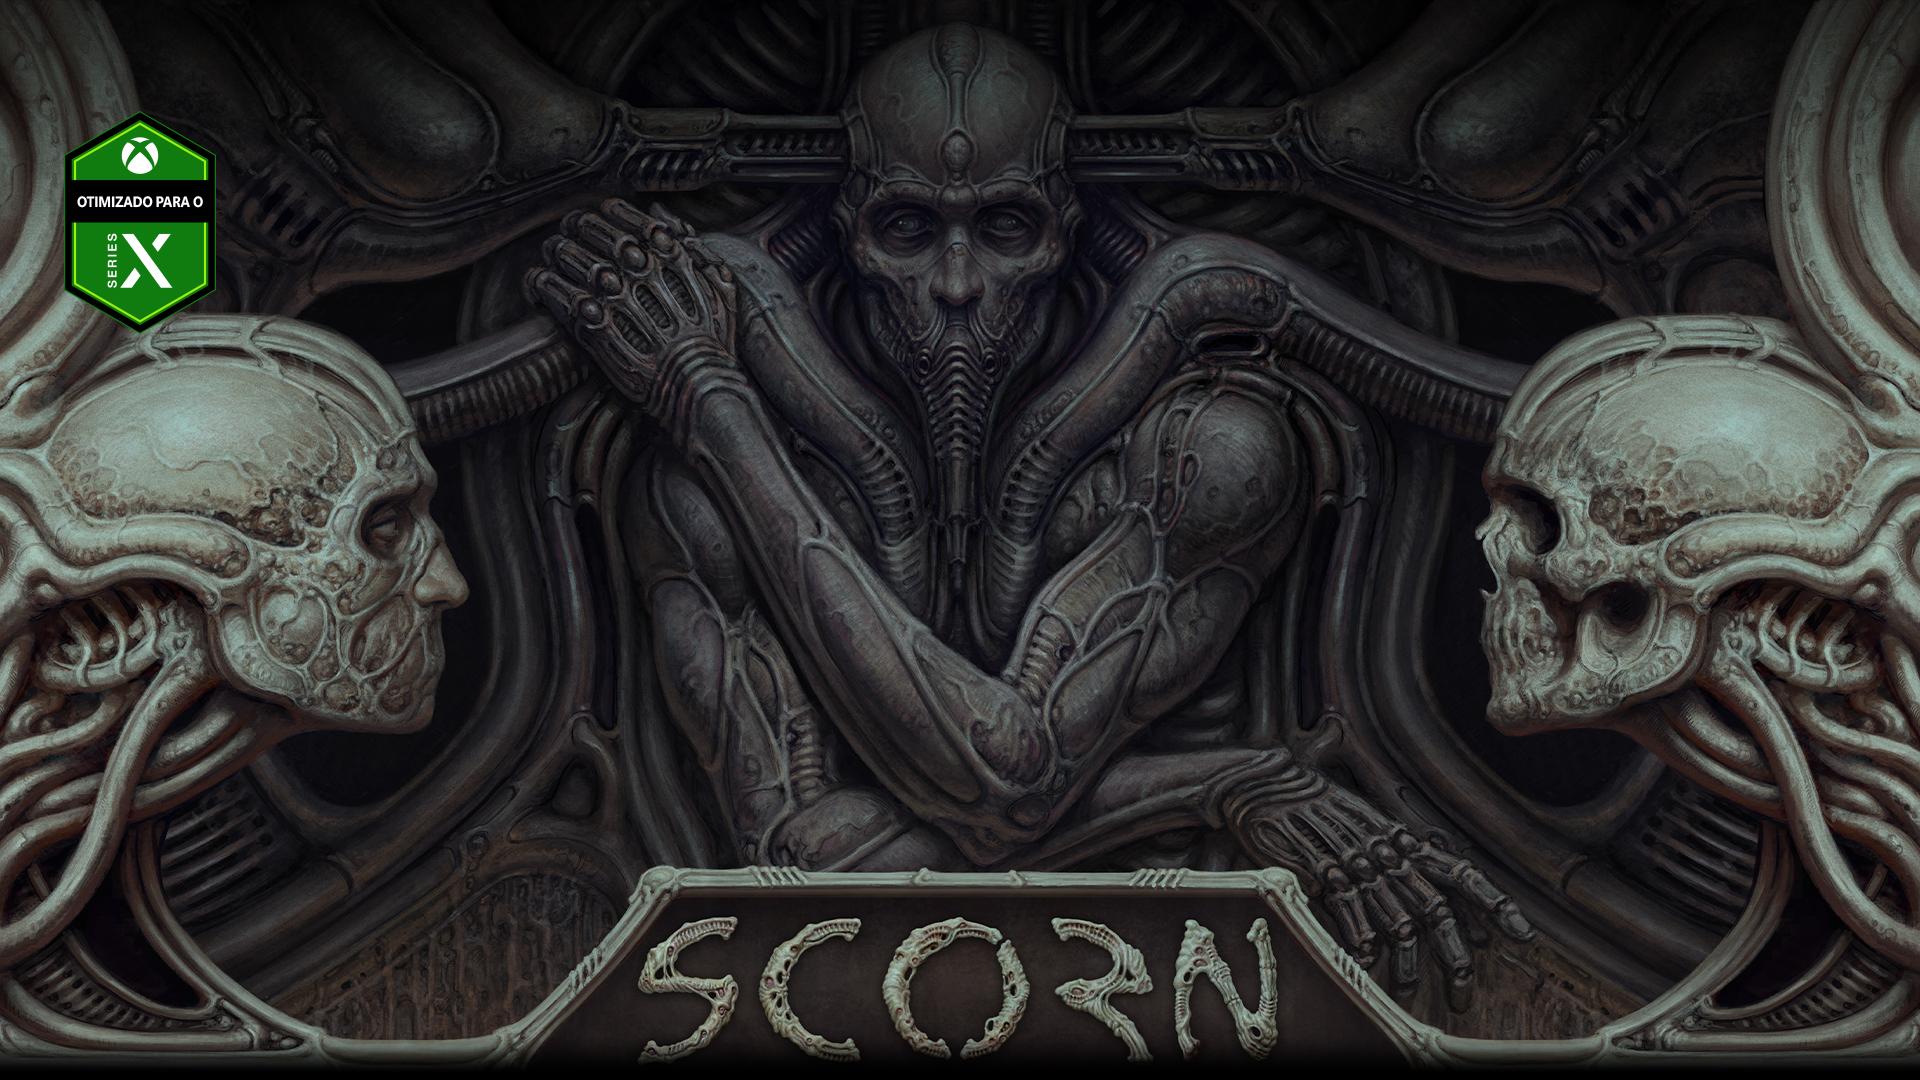 Personagem de Scorn incorporado a uma parede com duas cabeças de caveira.